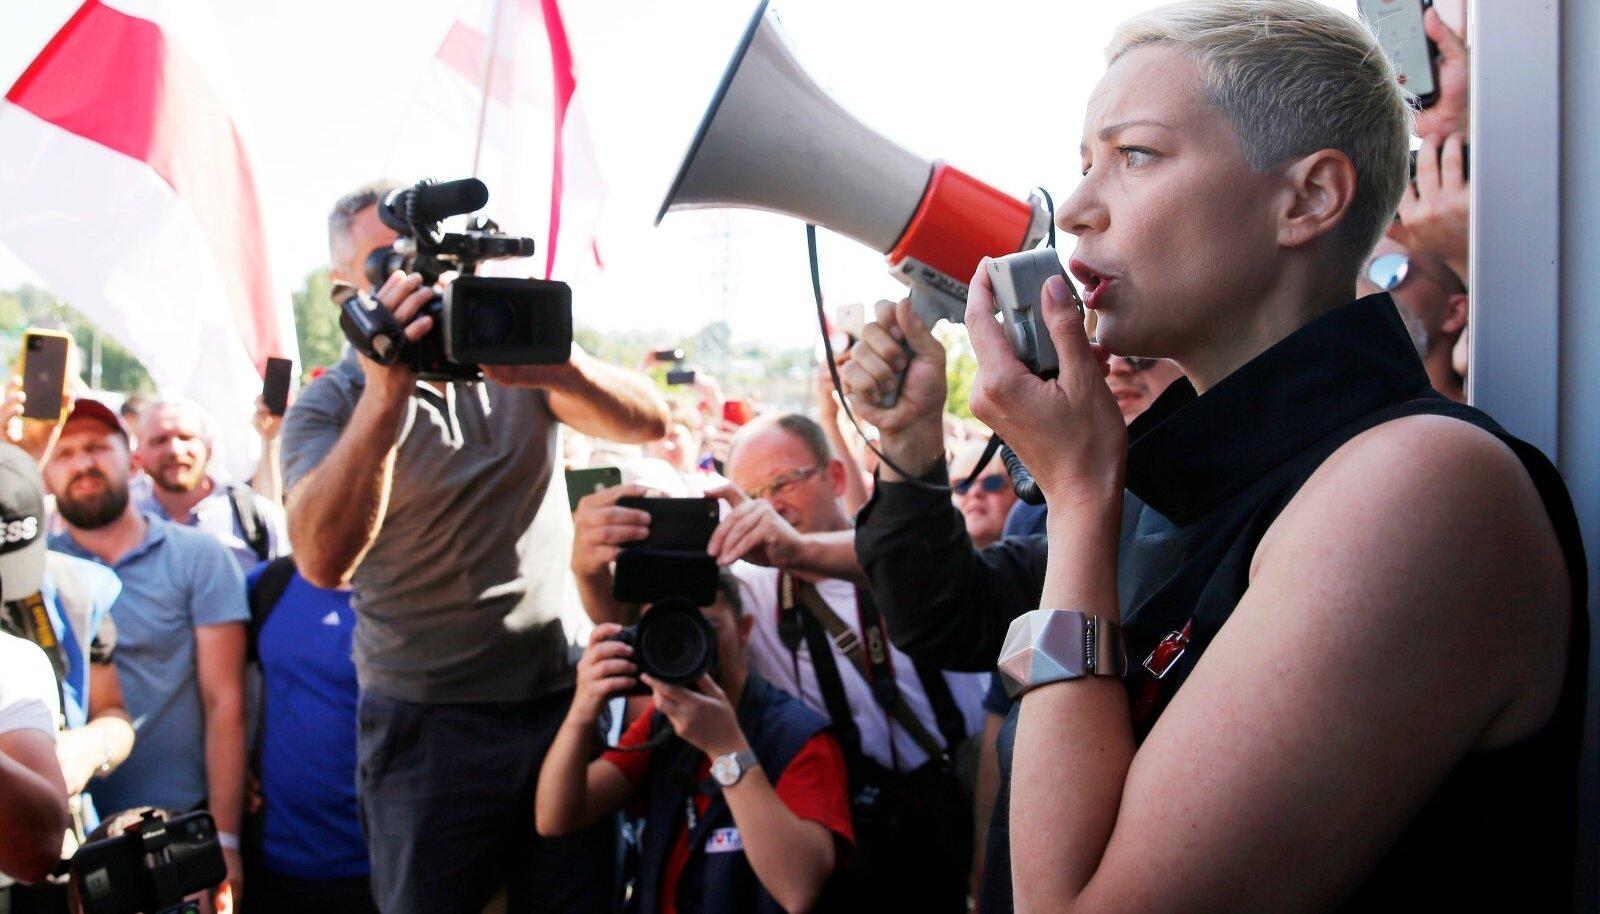 Üks opositsiooni peamisi juhte Marõja Kalesnikava sunniti esmaspäeval istuma tundmatute isikute autosse. Nüüd teatas piirivalve, et ta olevat ebaseadusliku piiriületuse eest kinni peetud.